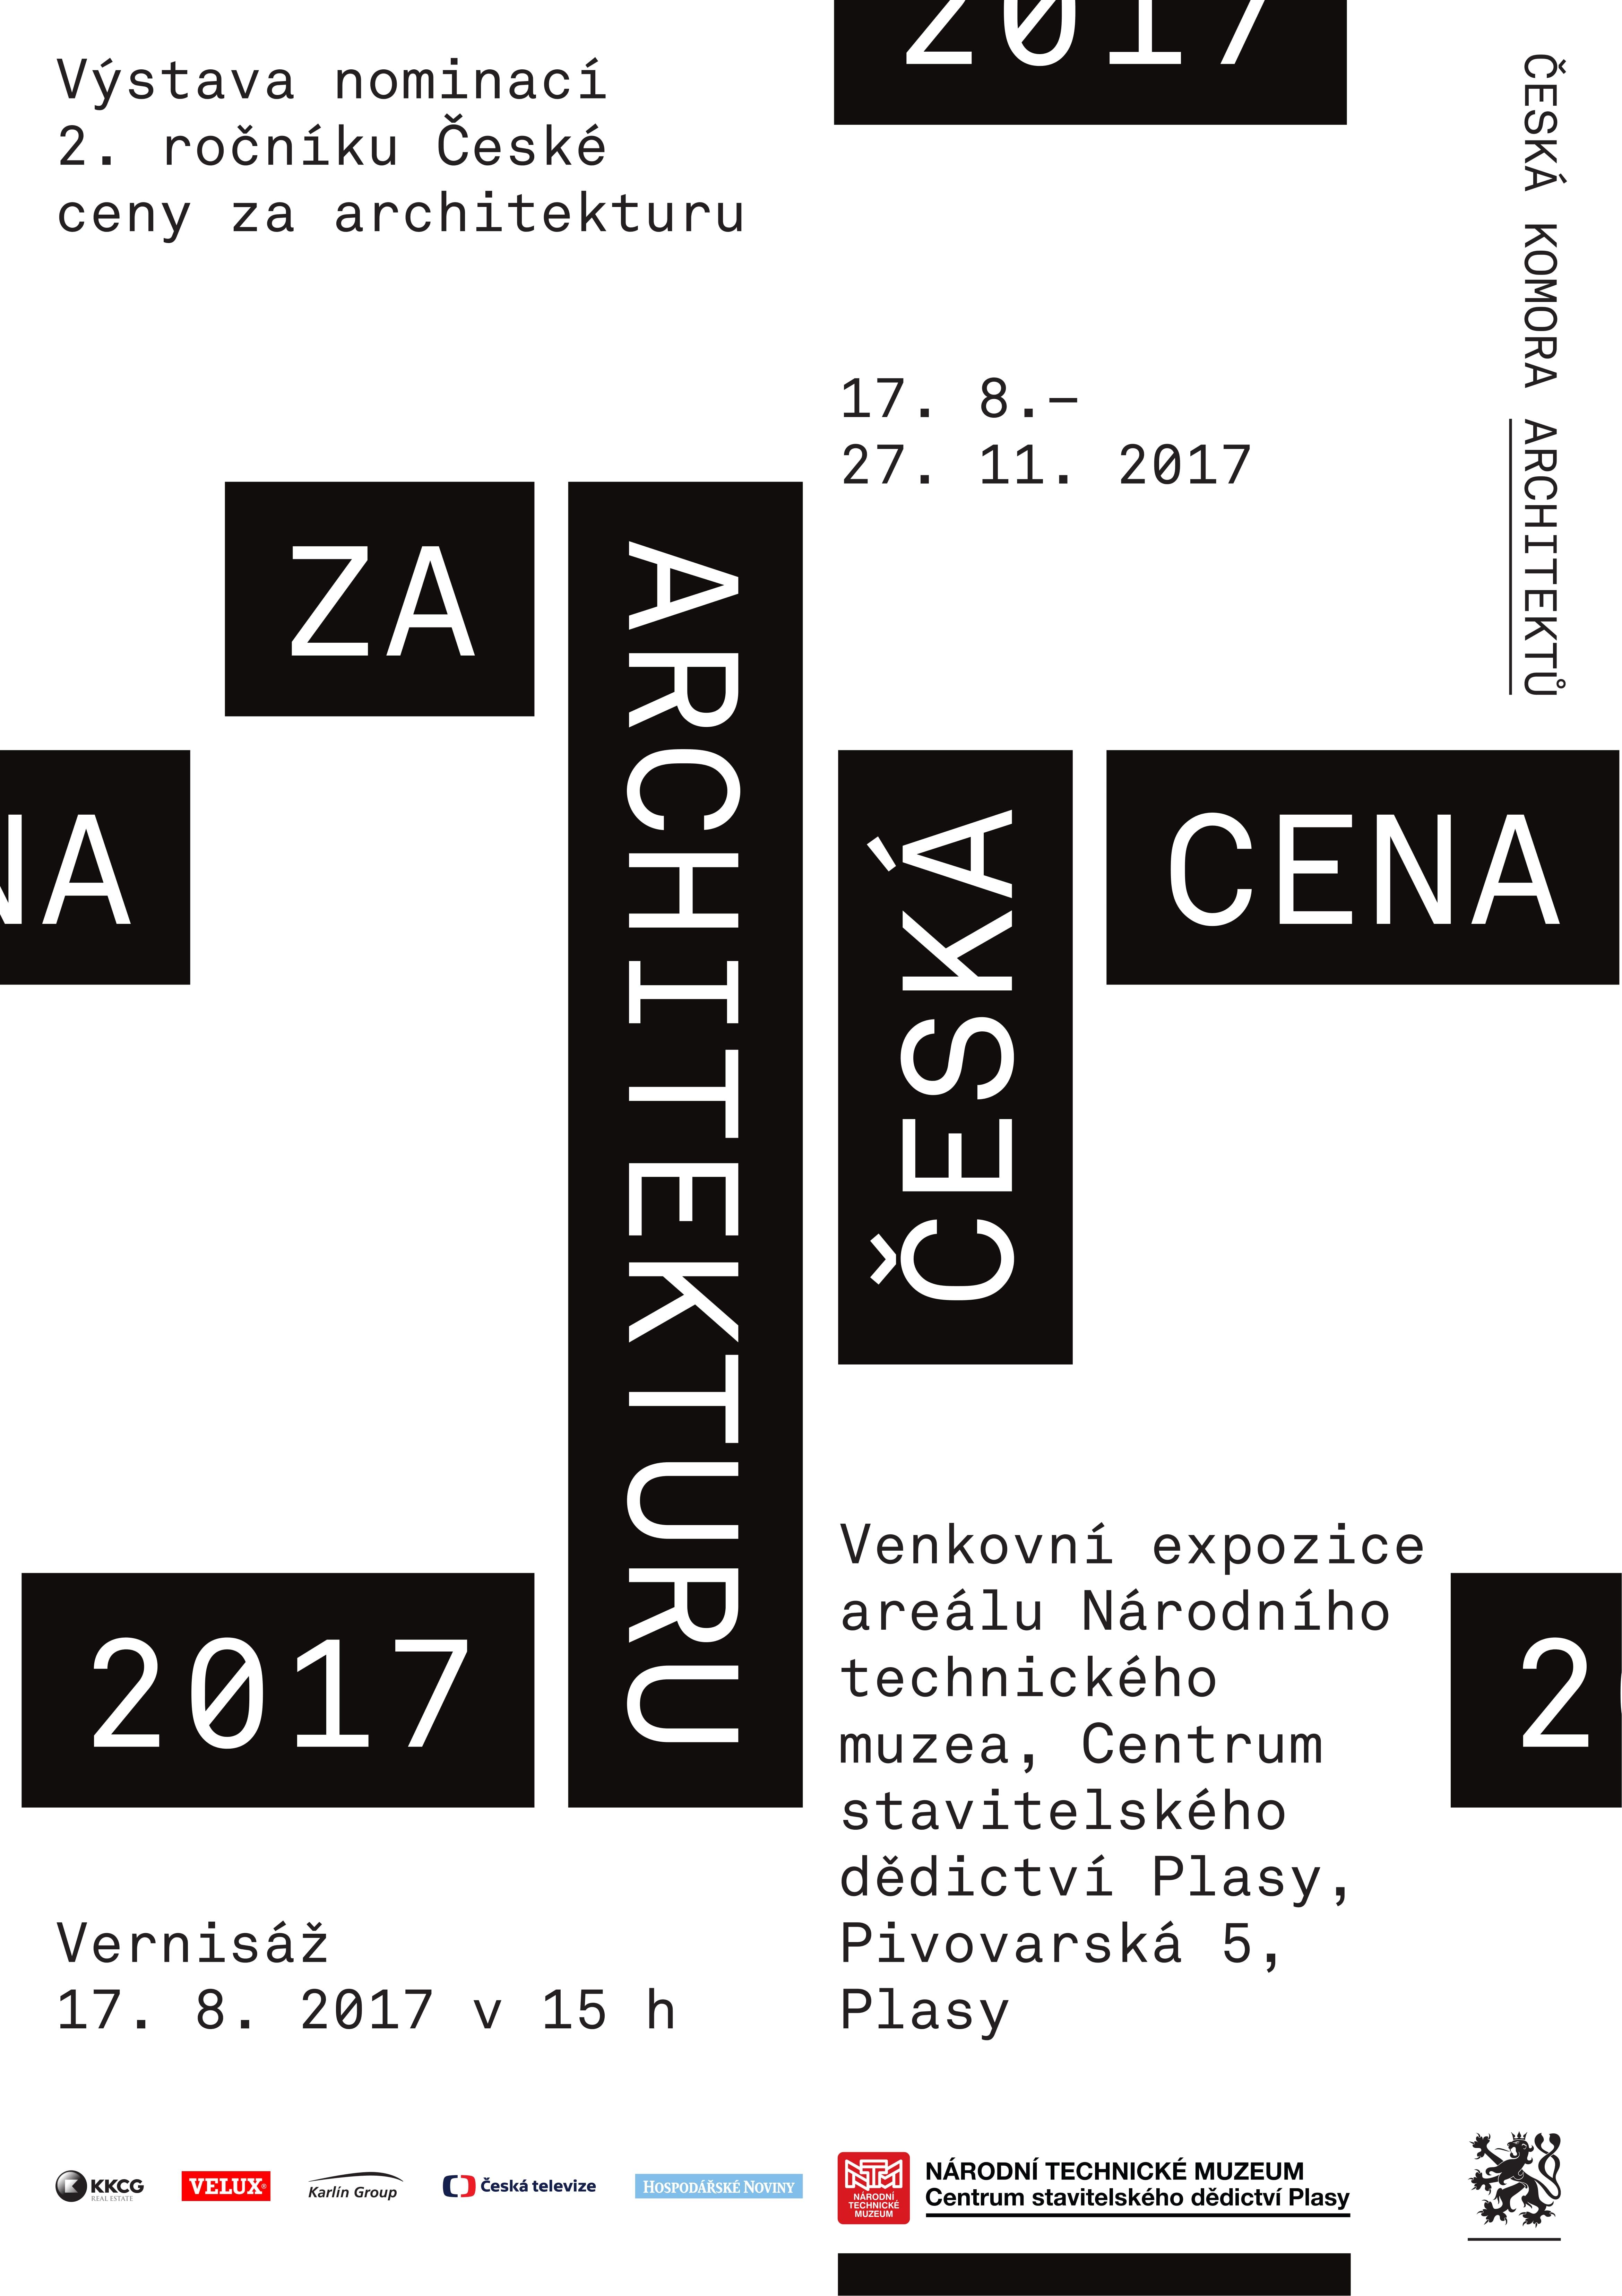 https://ceskacenazaarchitekturu.cz/app/uploads/2017/07/z4EsbgYa1501674628.jpg